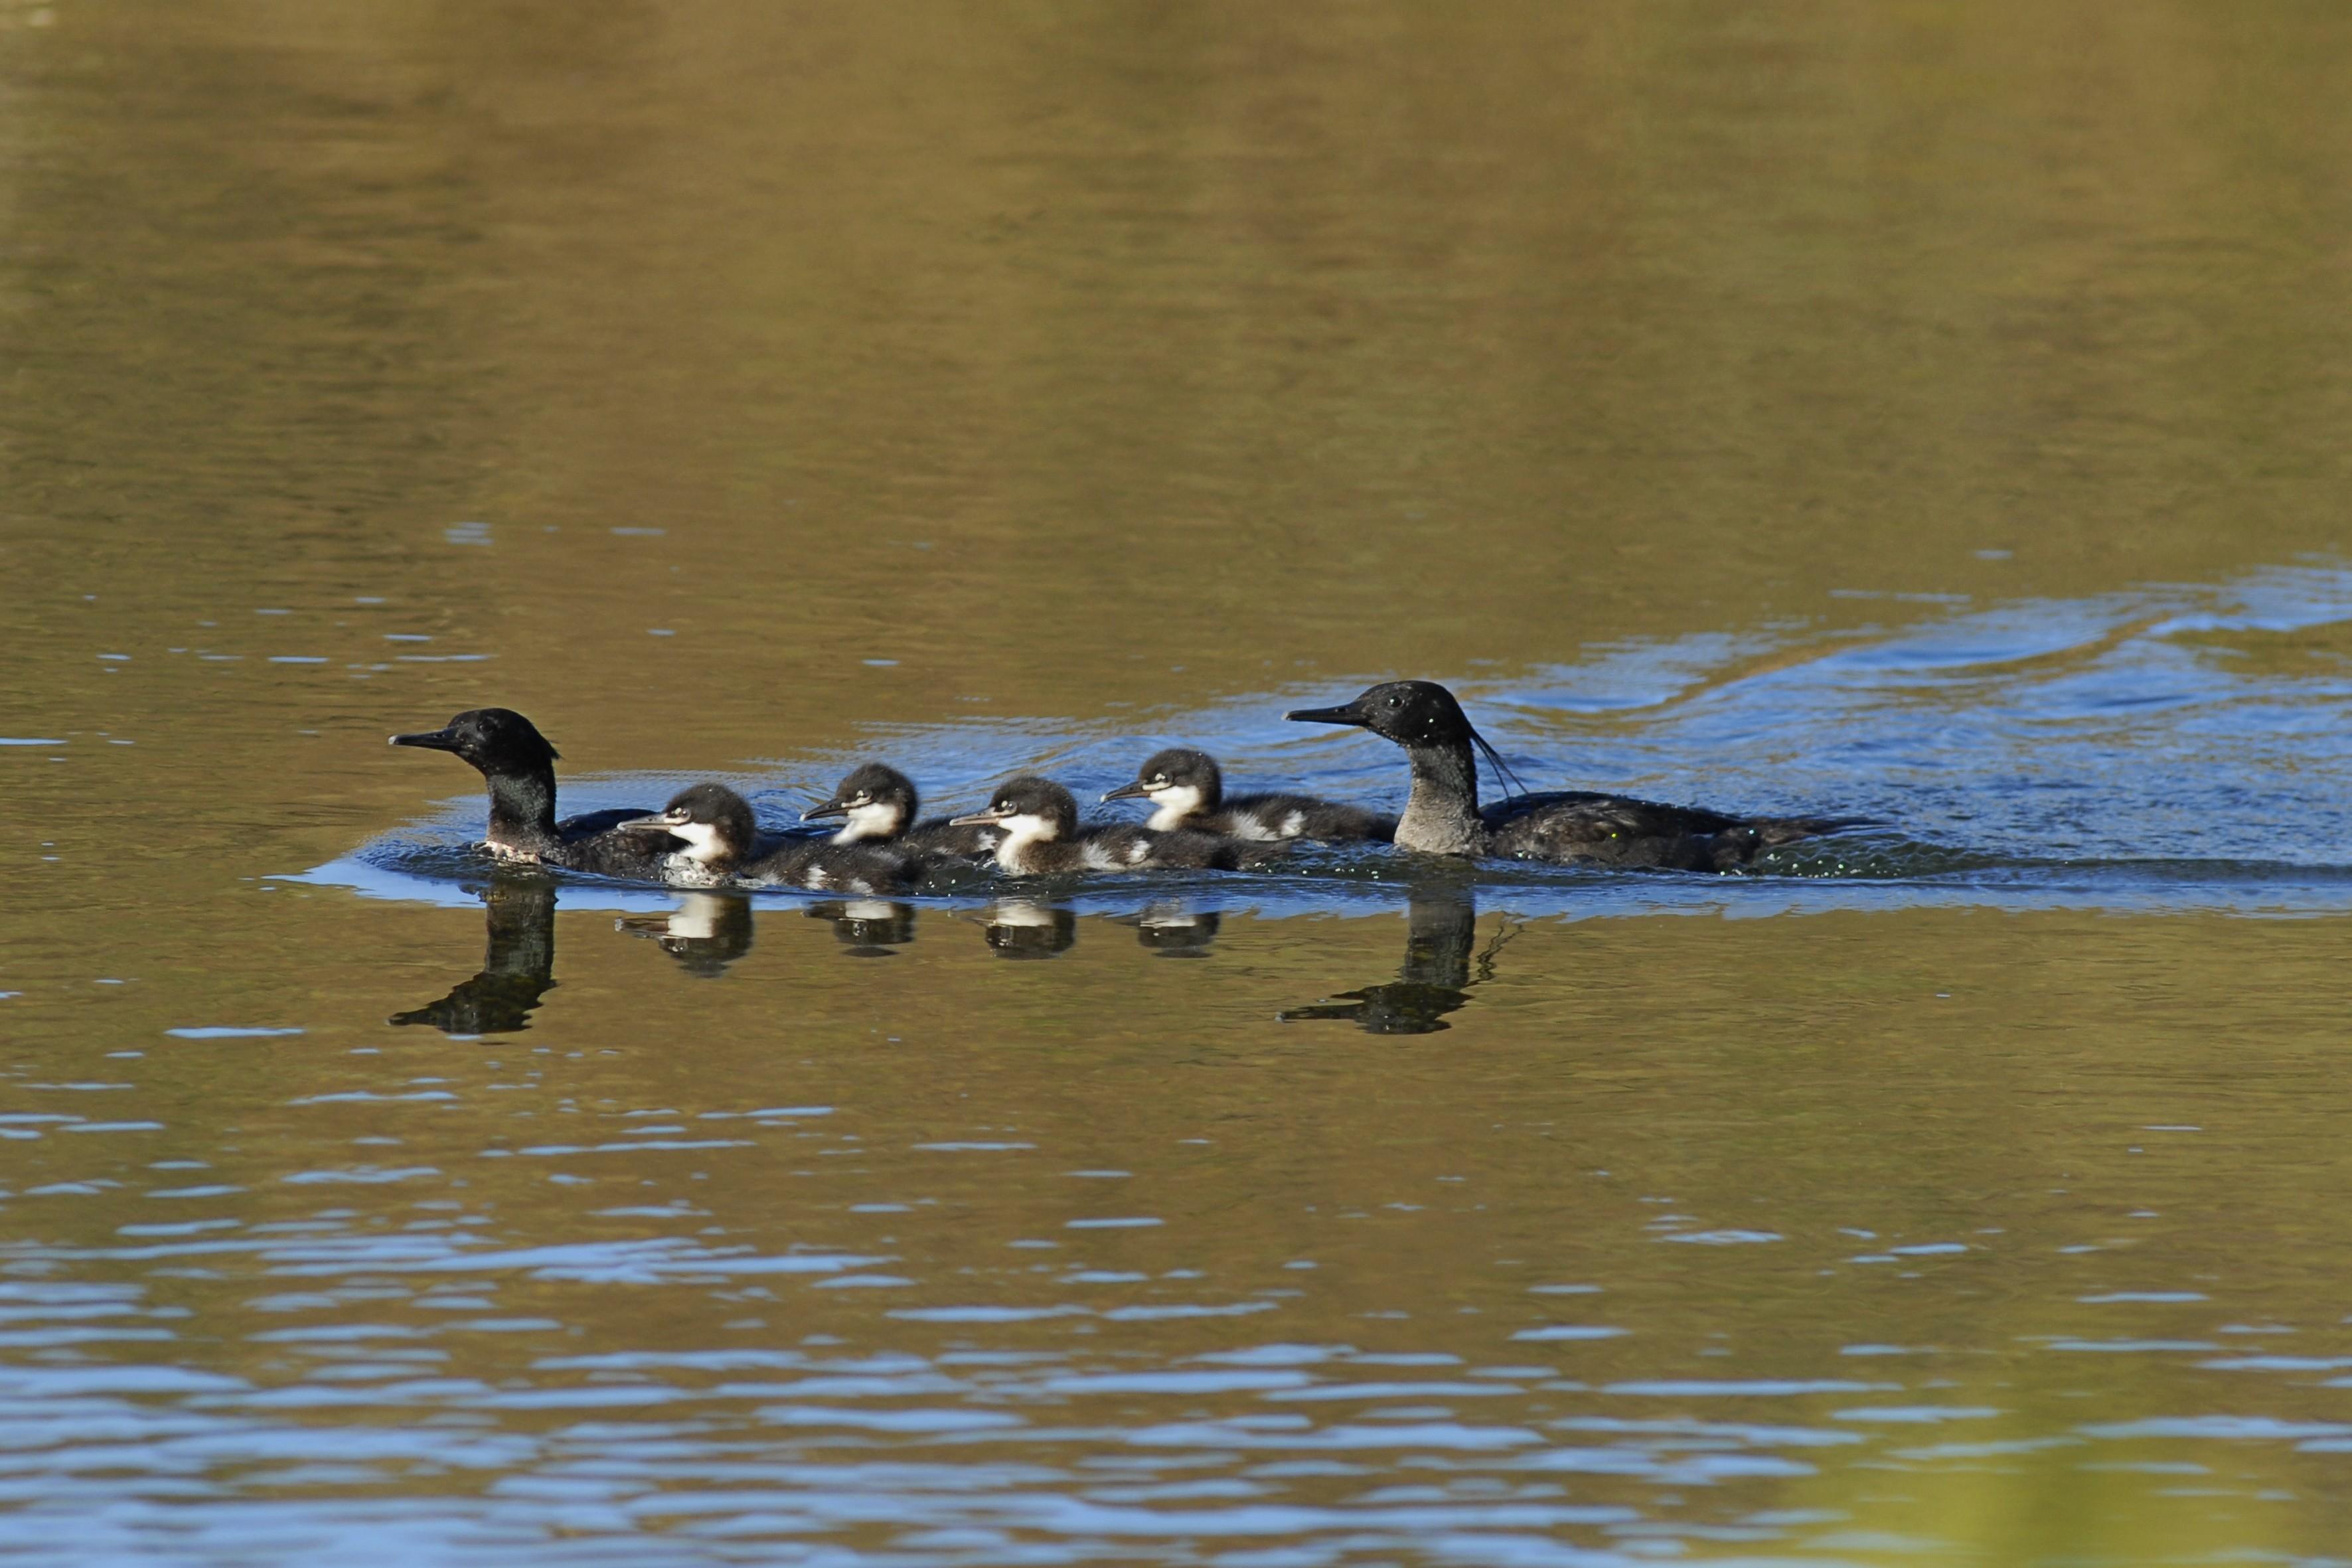 Biólogos de MG comemoram título de embaixador das águas de pato-mergulhão